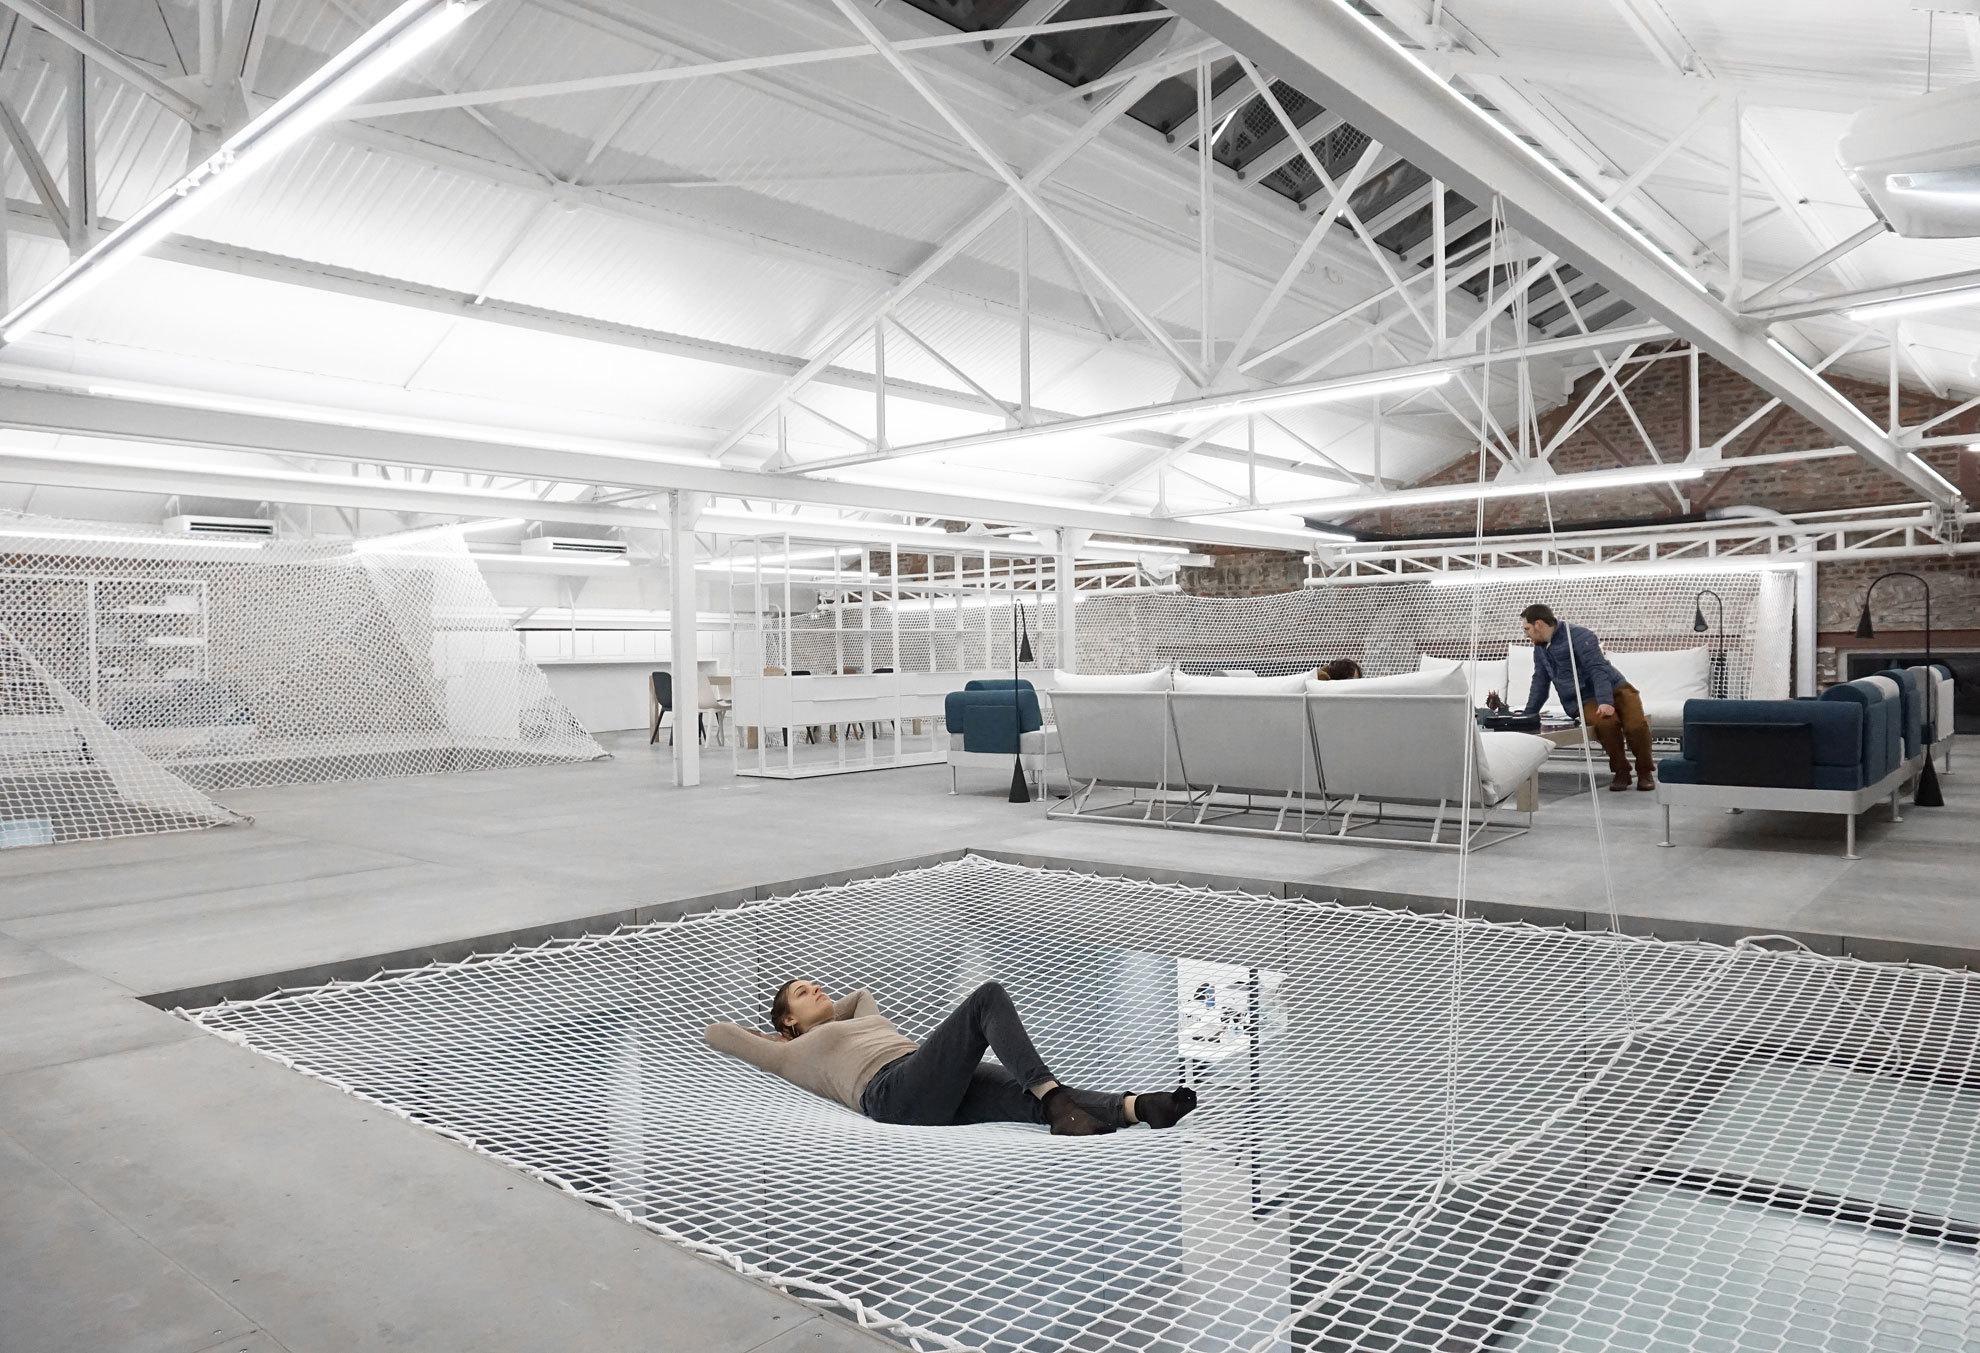 In Frankreich baute Architekt Jordan Hoareau eine Fabrikhalle in eine Zahnarztpraxis um. Dachbalken, altes Mauerwerk und Stoffnetze wurden dabei zu Blickfängern.